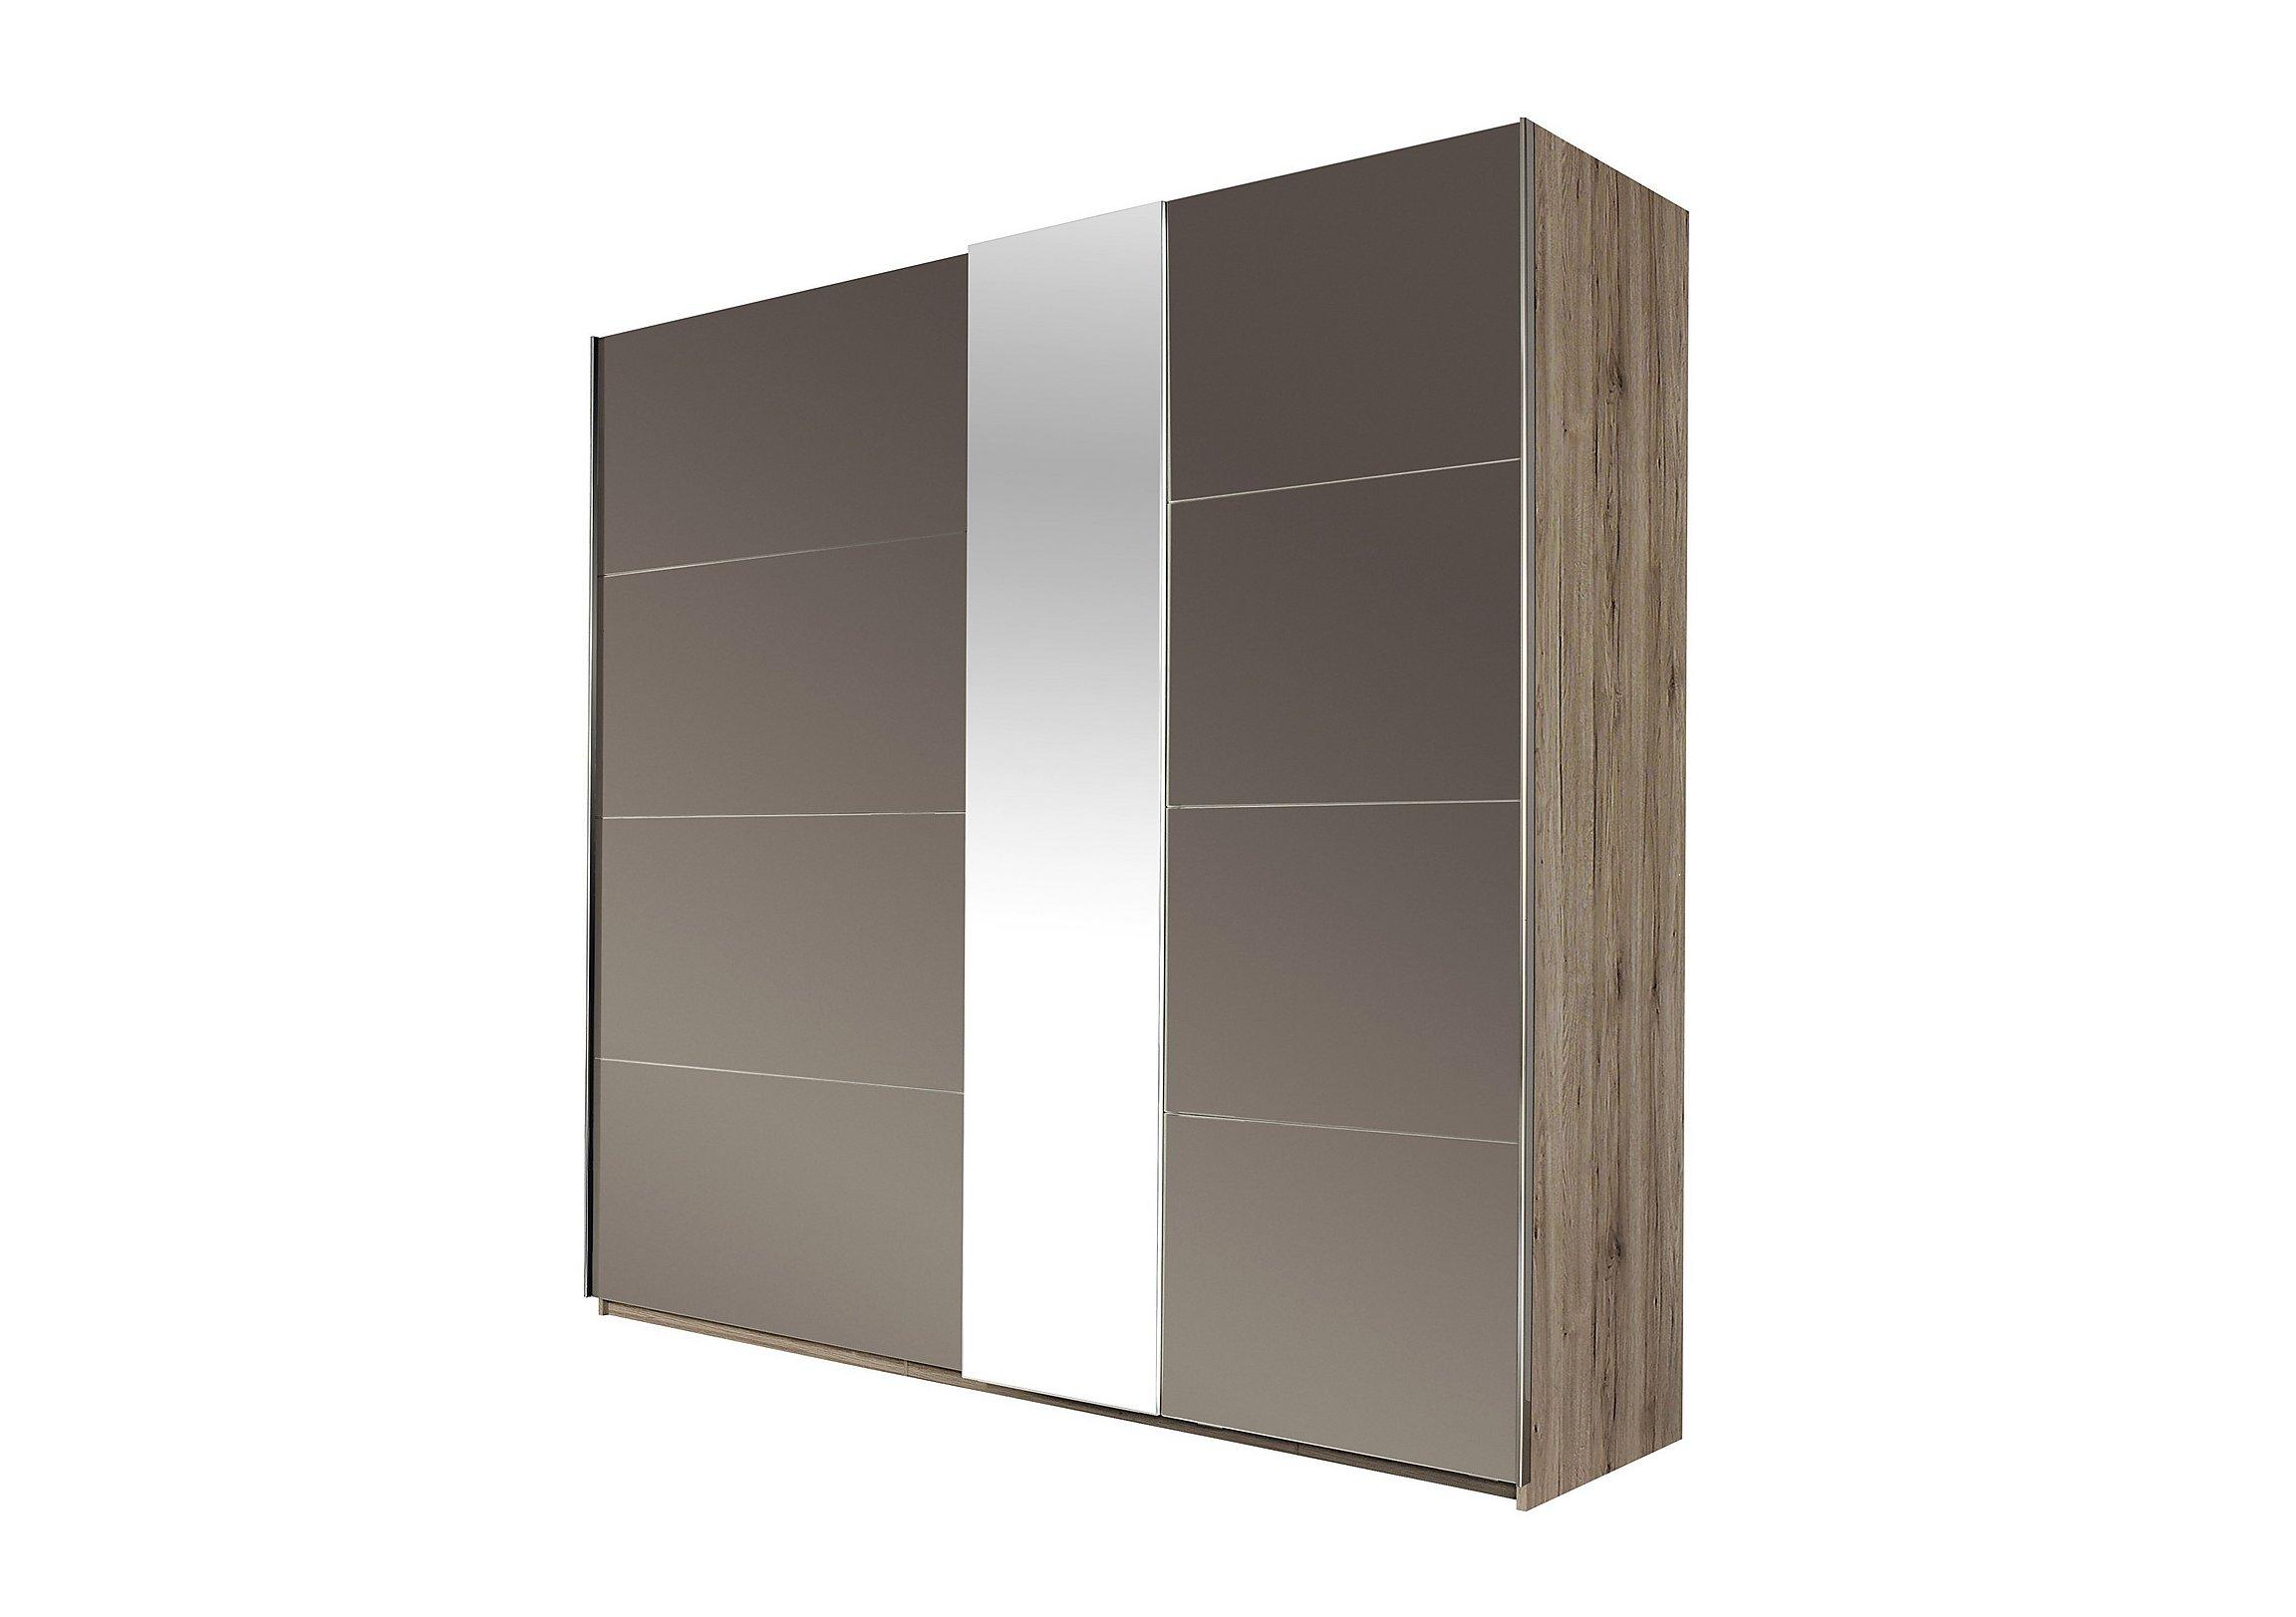 Perth 225cm 2 Door Sliding Wardrobe Rauch Furniture Village